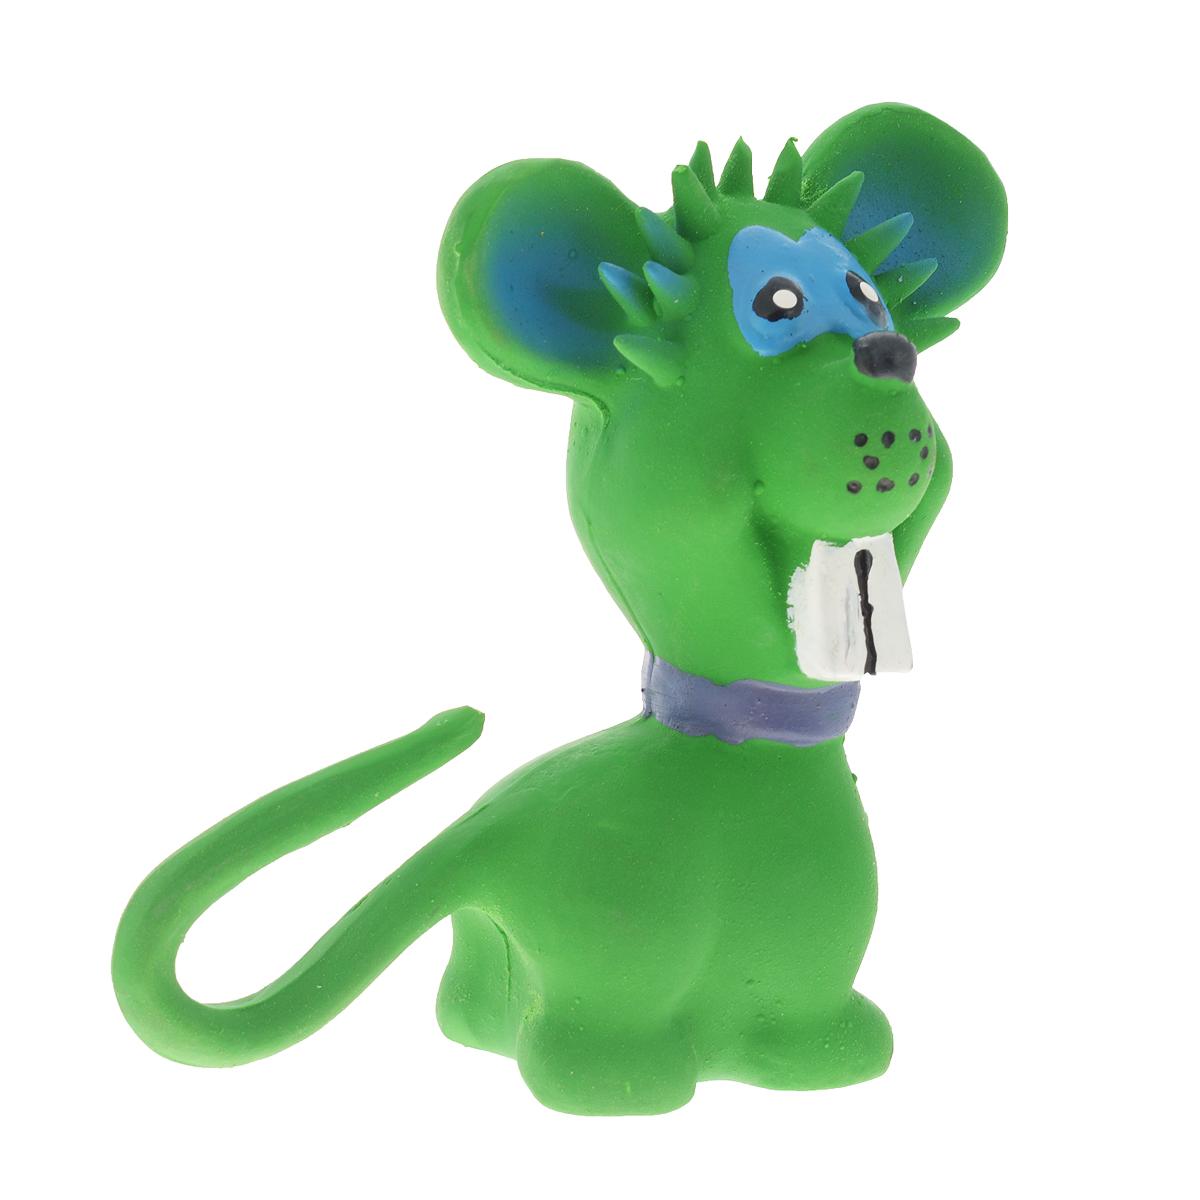 Игрушка для собак V.I.Pet Мышь, цвет: зеленыйL-114Прочная игрушка V.I.Pet Мышь с пищалкой изготовлена из натурального латекса сиспользованием только безопасных, не токсичных красителей. Великолепно подходит для игры и массажа десен вашей собаки. Игрушка не позволит скучать вашему питомцу ни дома, ни на улице.